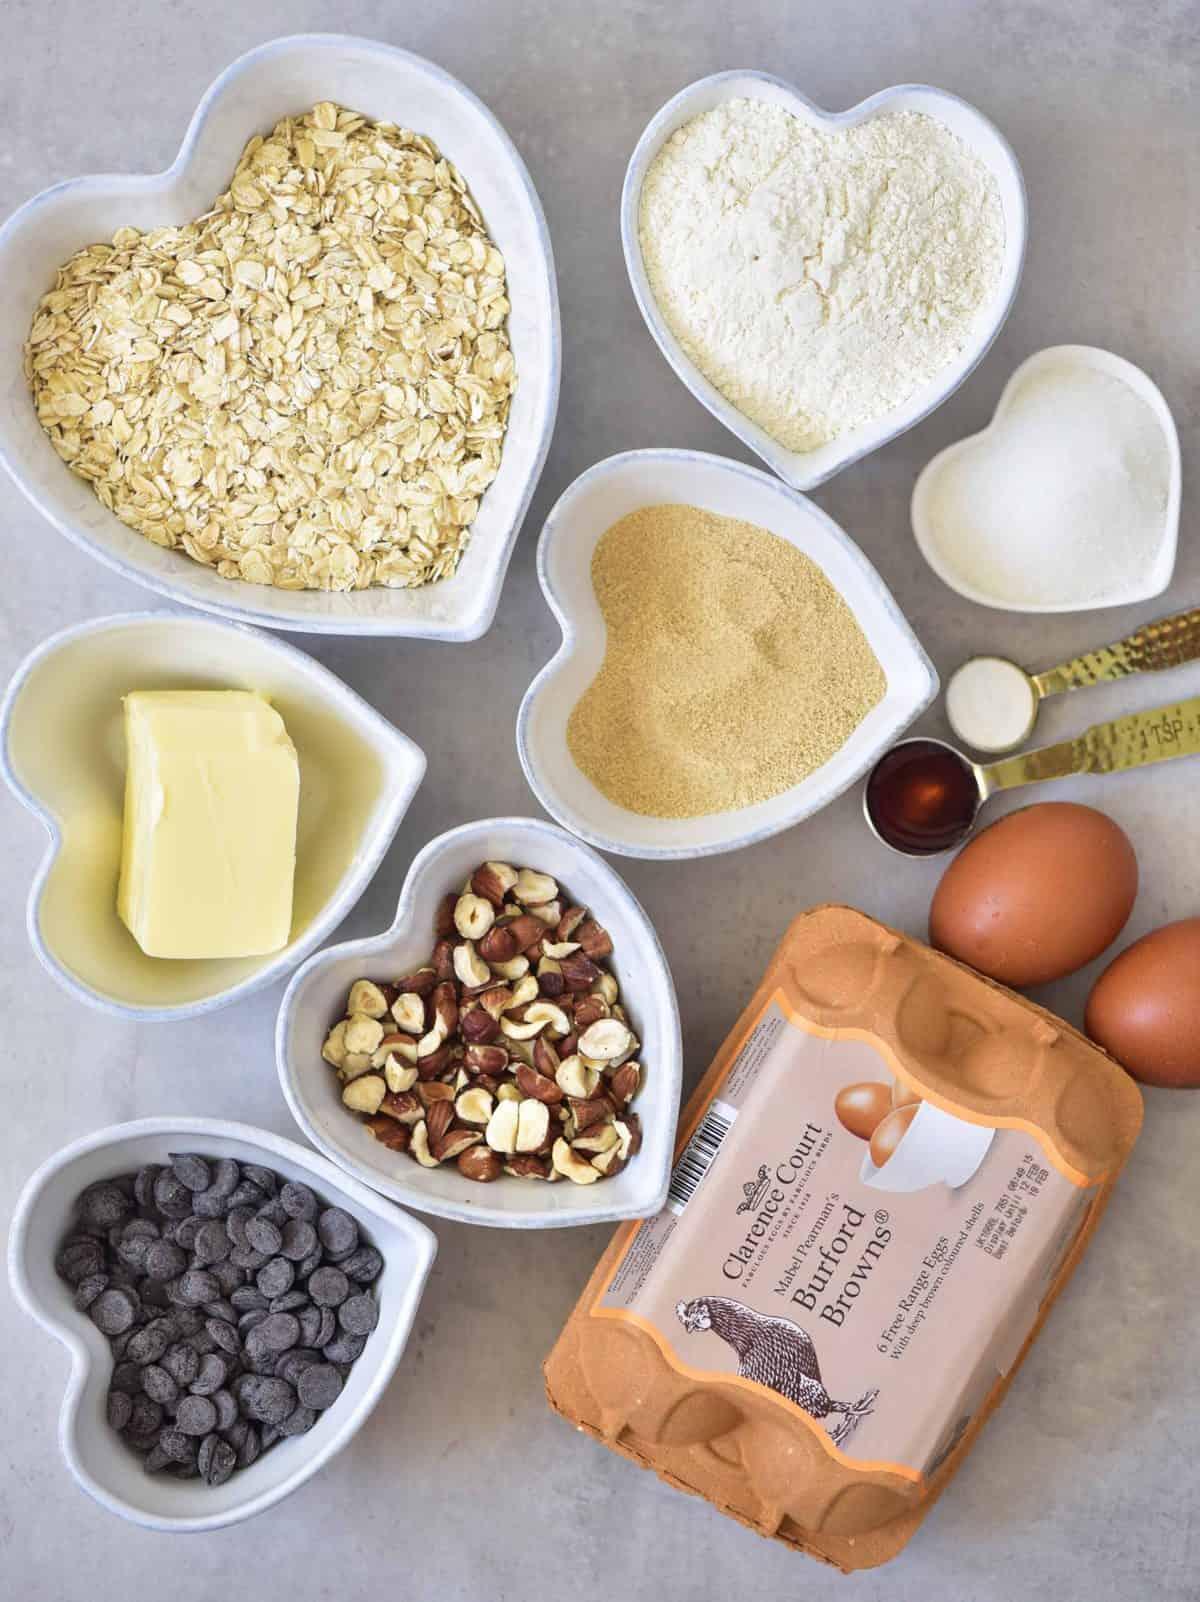 oats eggs hazelnut cookie recipe ingredients